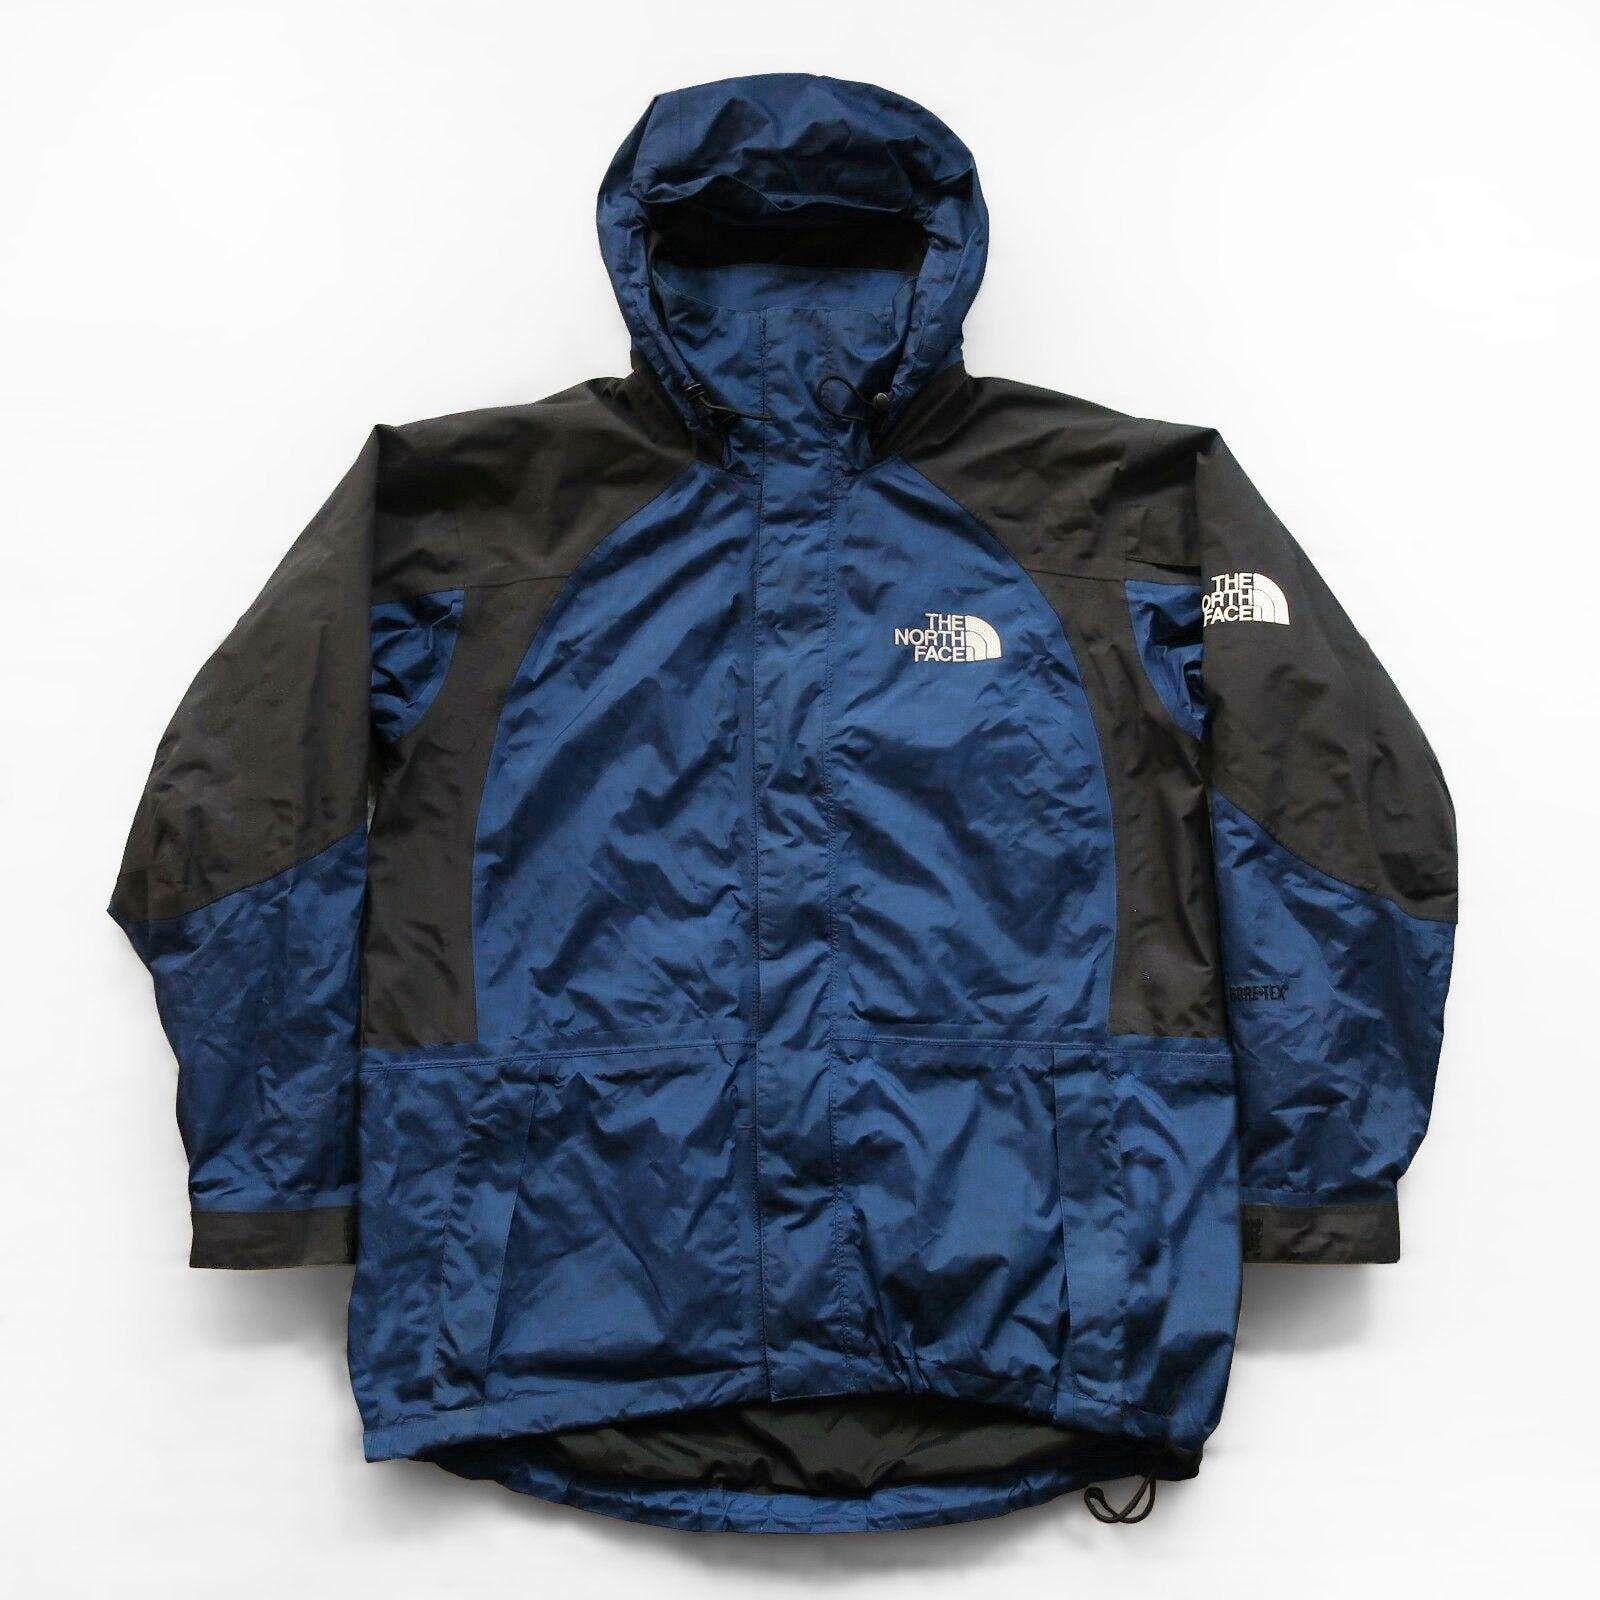 Vintage North Face Goretex Mountain Parka Jacket Size Xl Dark Etsy Parka Jacket Jackets The North Face [ 1600 x 1600 Pixel ]